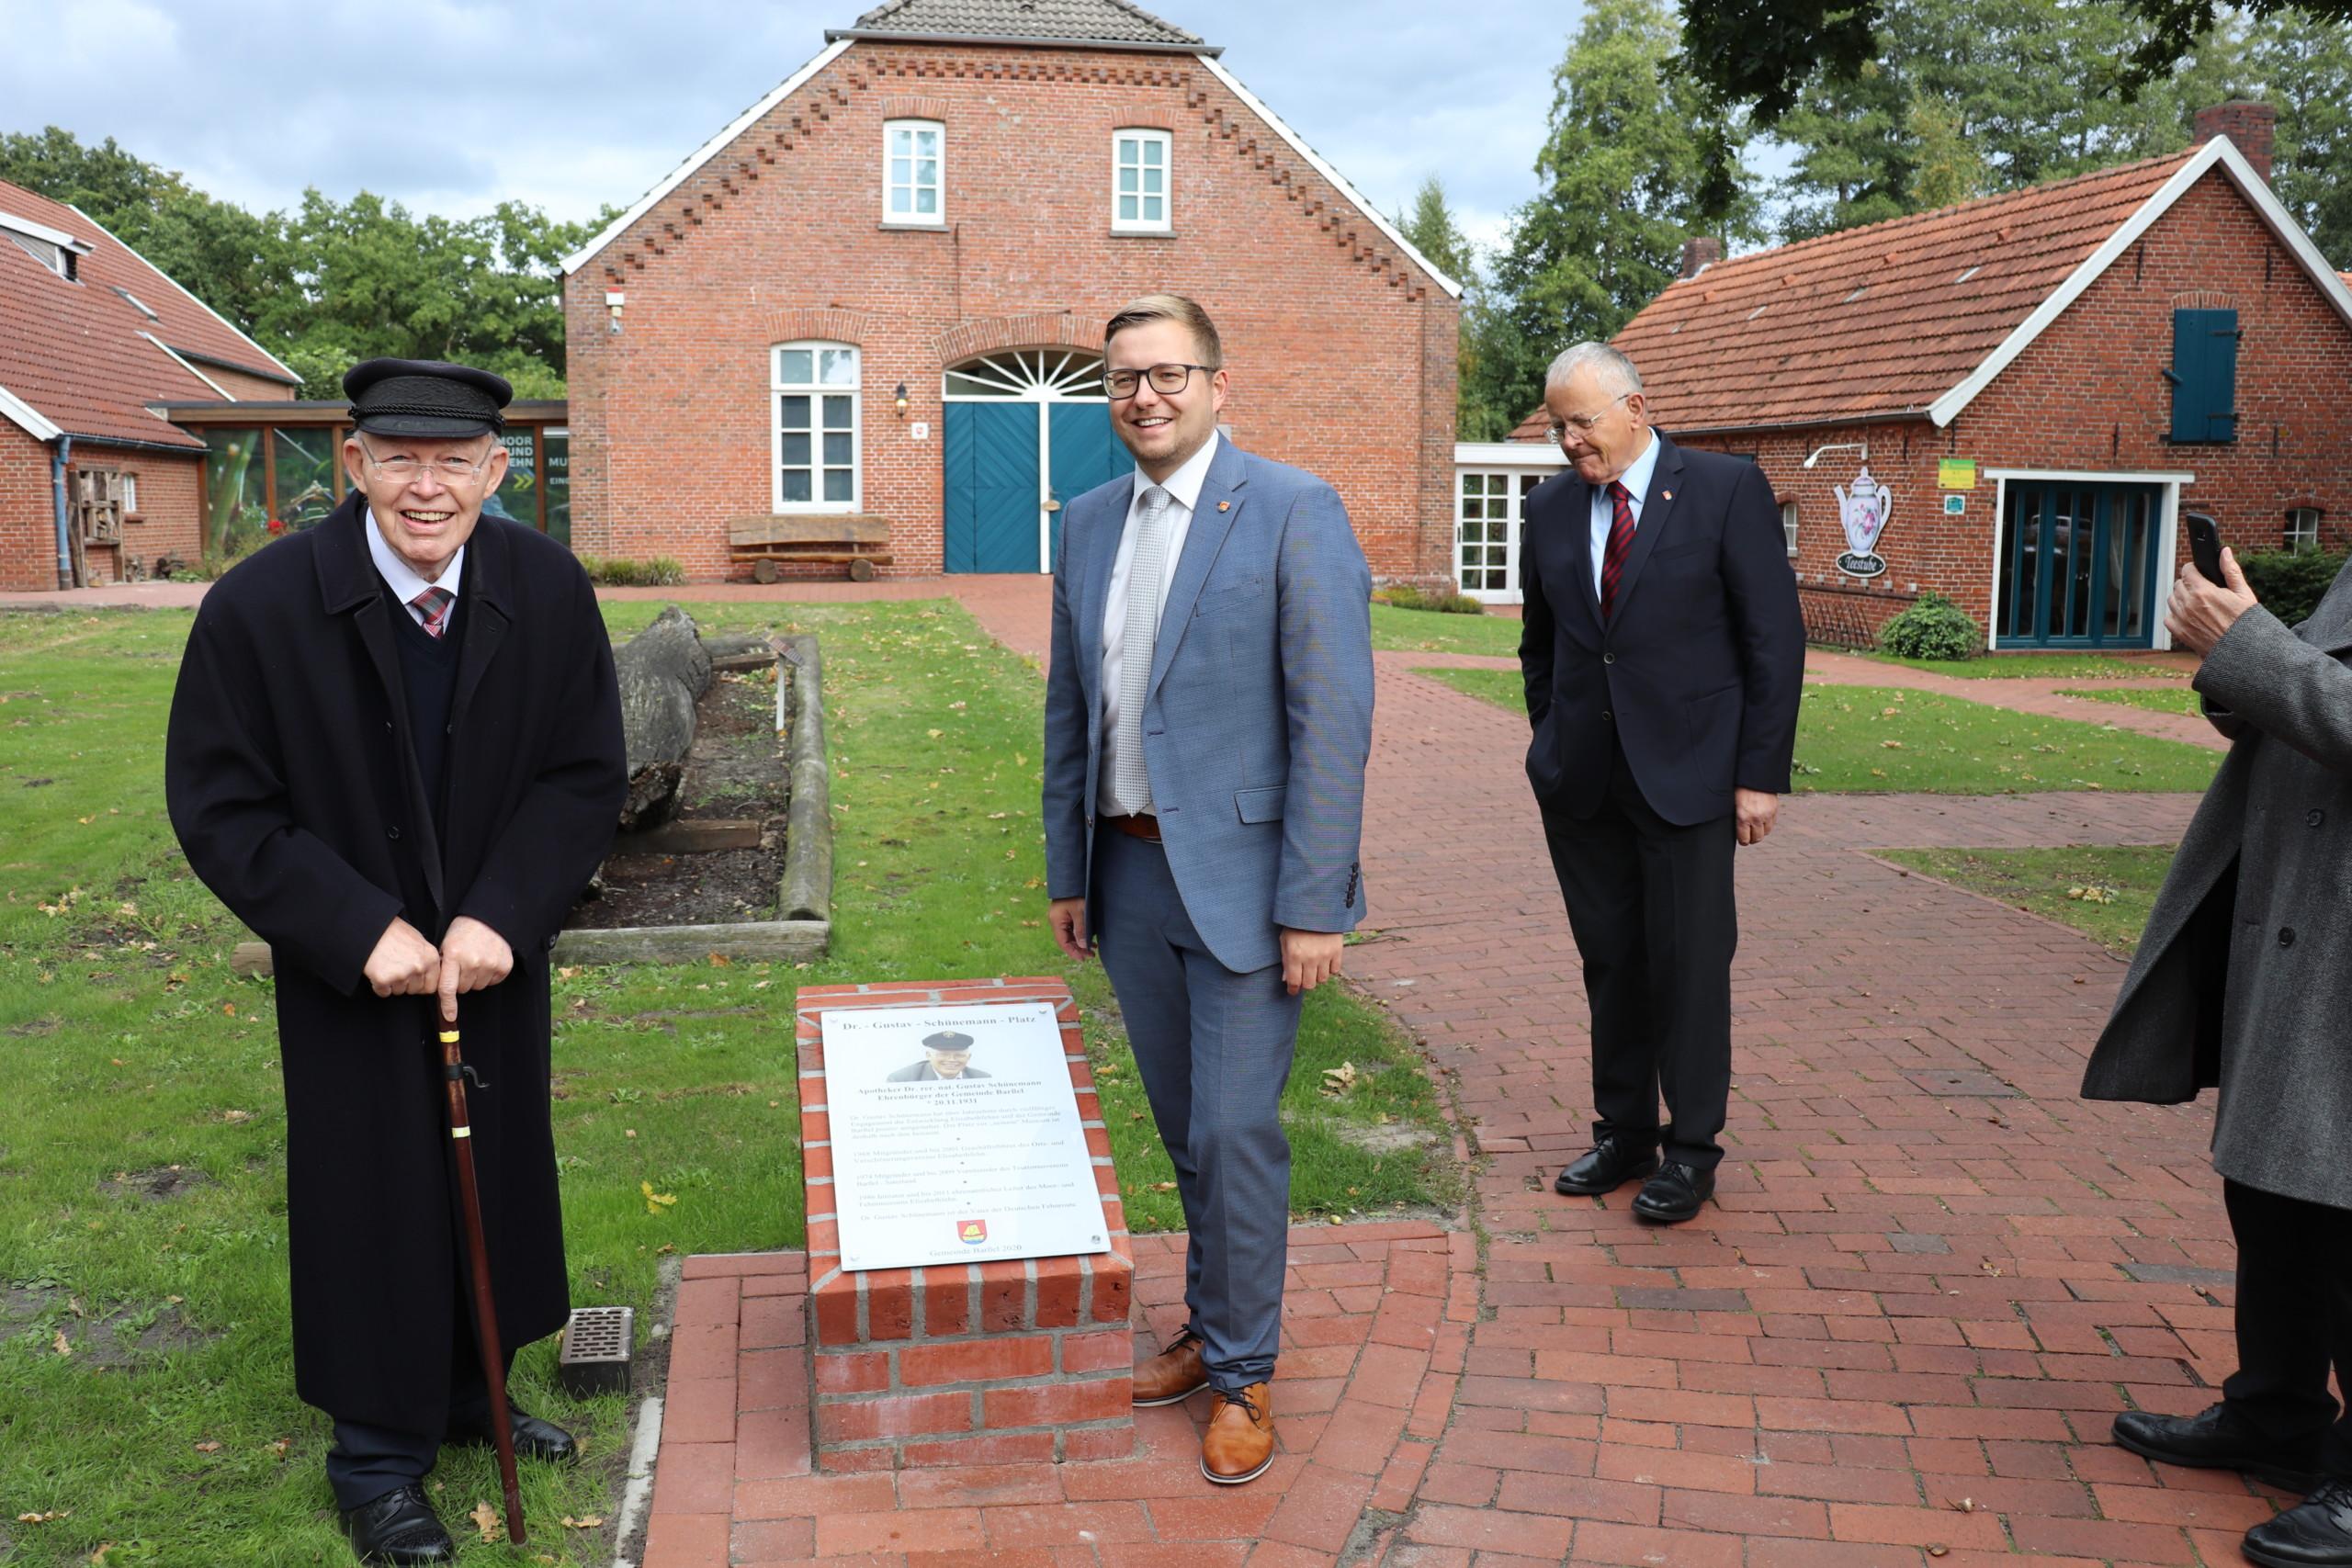 Ehrenbürger Dr. Gustav Schünemann zusammen mit Bürgermeister Anhuth vor der Ehrenbürger-Tafel. Aufnahme: Wlodarczyk